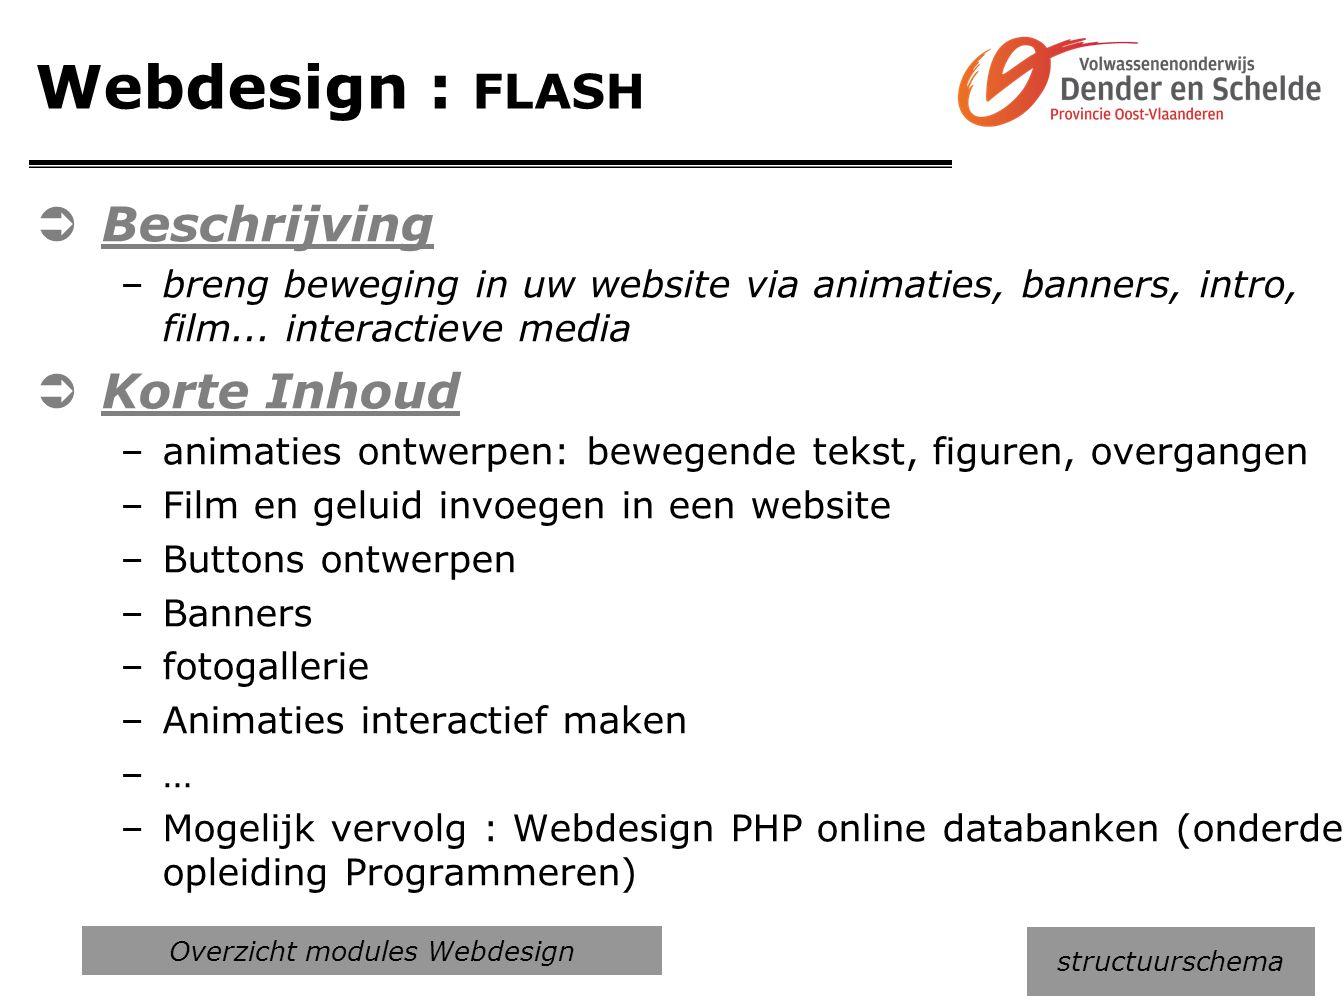 Overzicht modules Webdesign